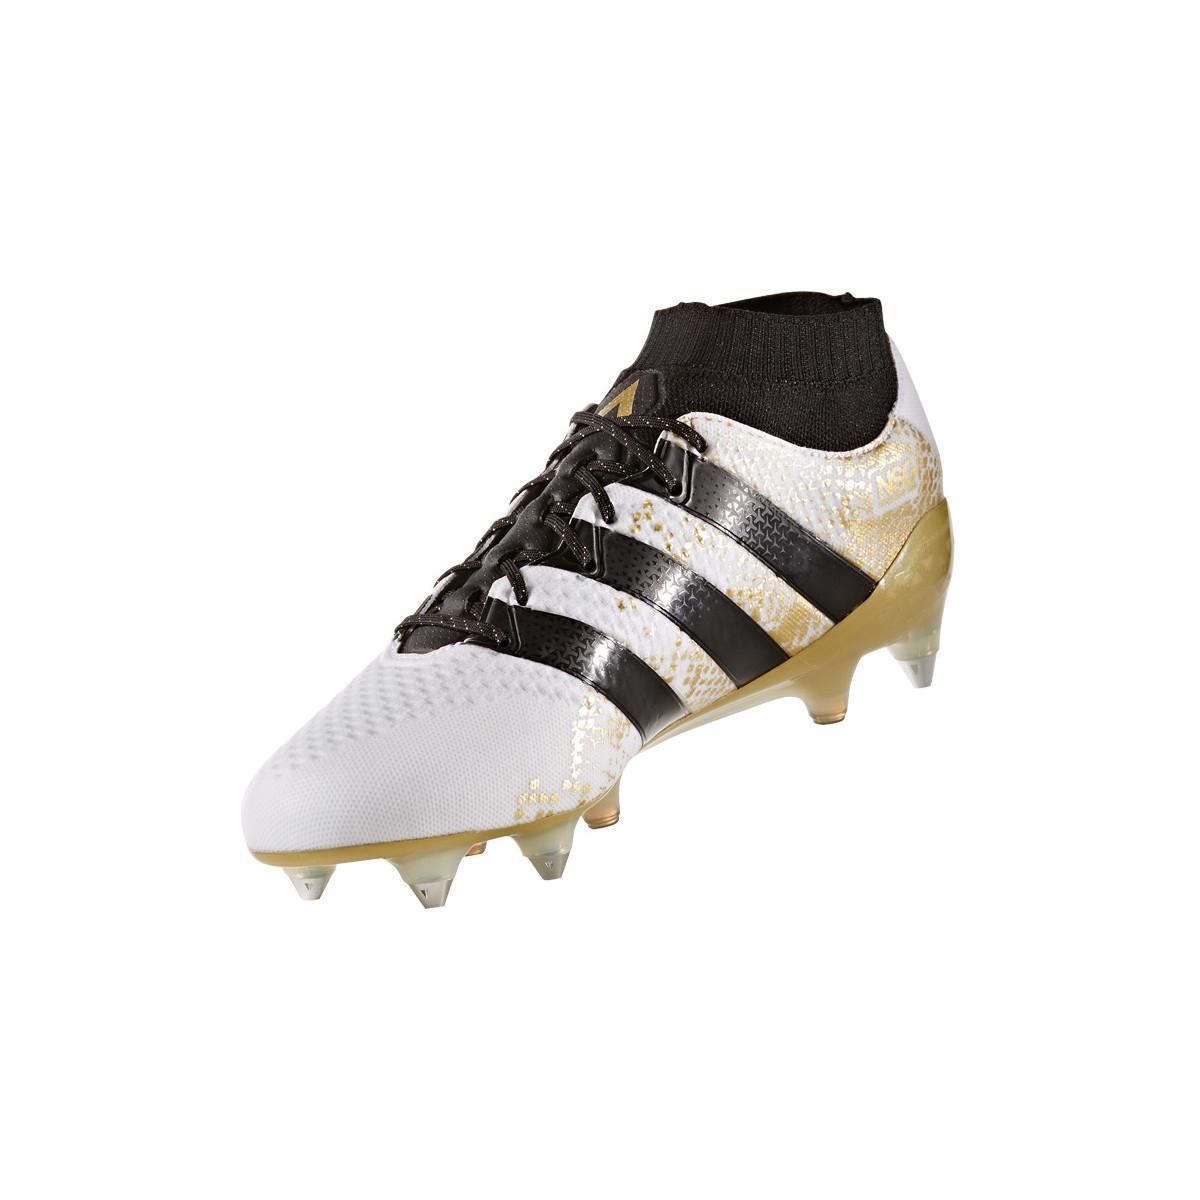 adidas Voetbalschoenen Ace 16.1 Primeknit Sg in het Wit voor heren